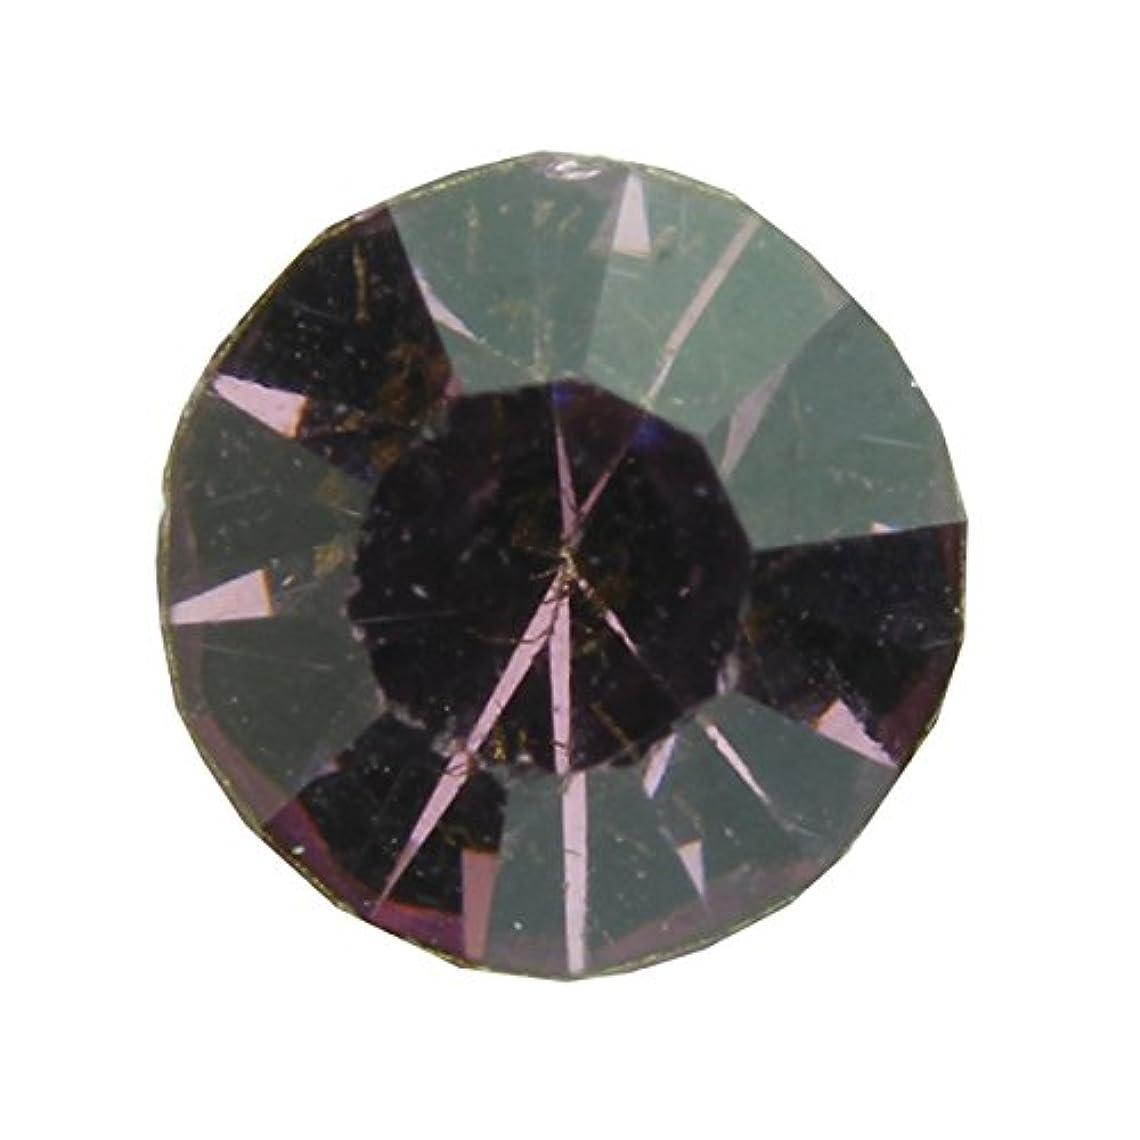 粒出します誤解させるアクリルストーンVカット ss12(約3.0mm)(30個入り) アメジスト